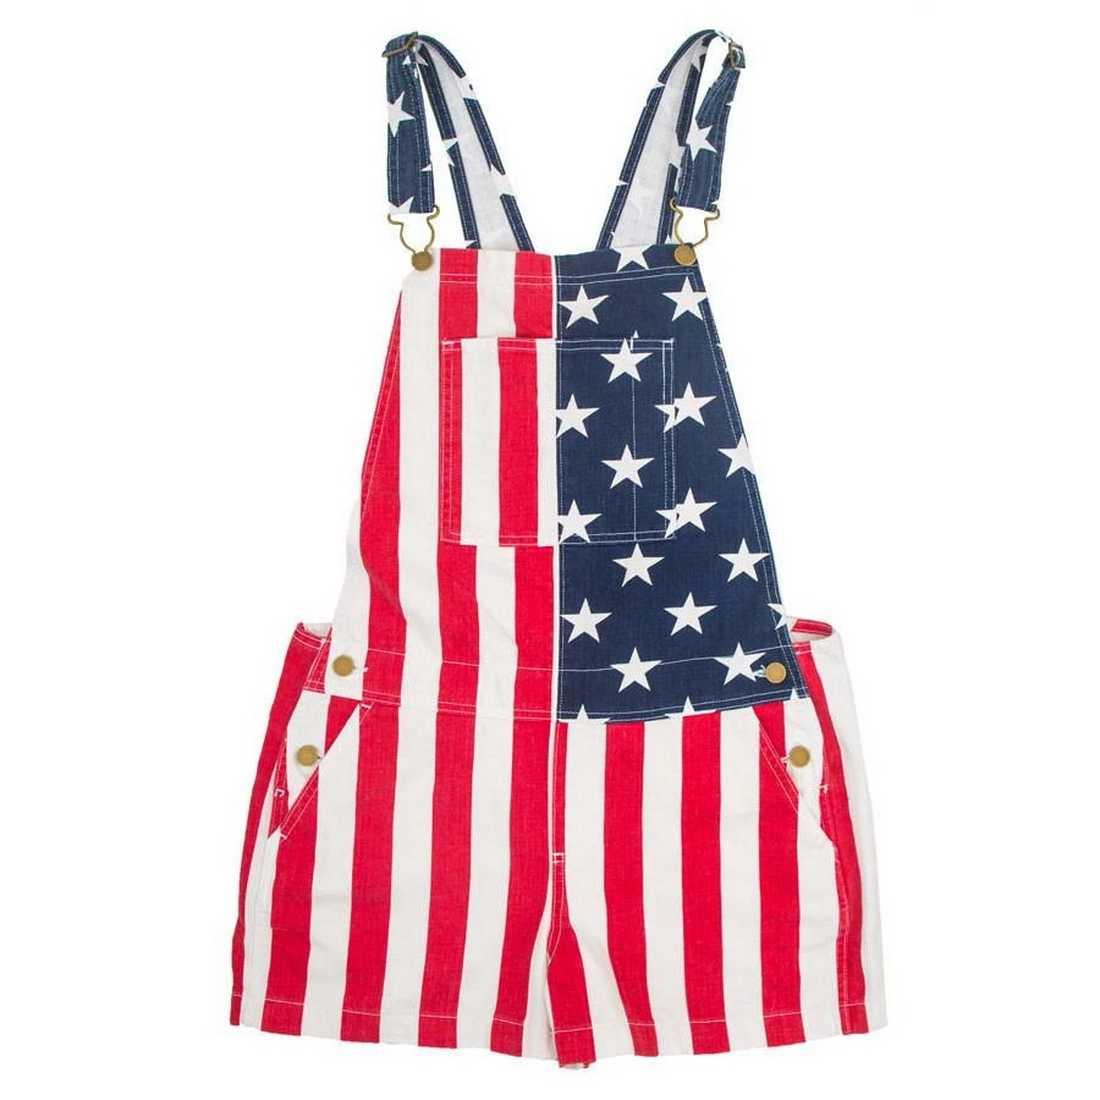 CYSINCOS kadın erkek Denim tulum kot şort amerikan bayrağı baskı rahat çift tulum şort Romper kısa pantolon Streetwear